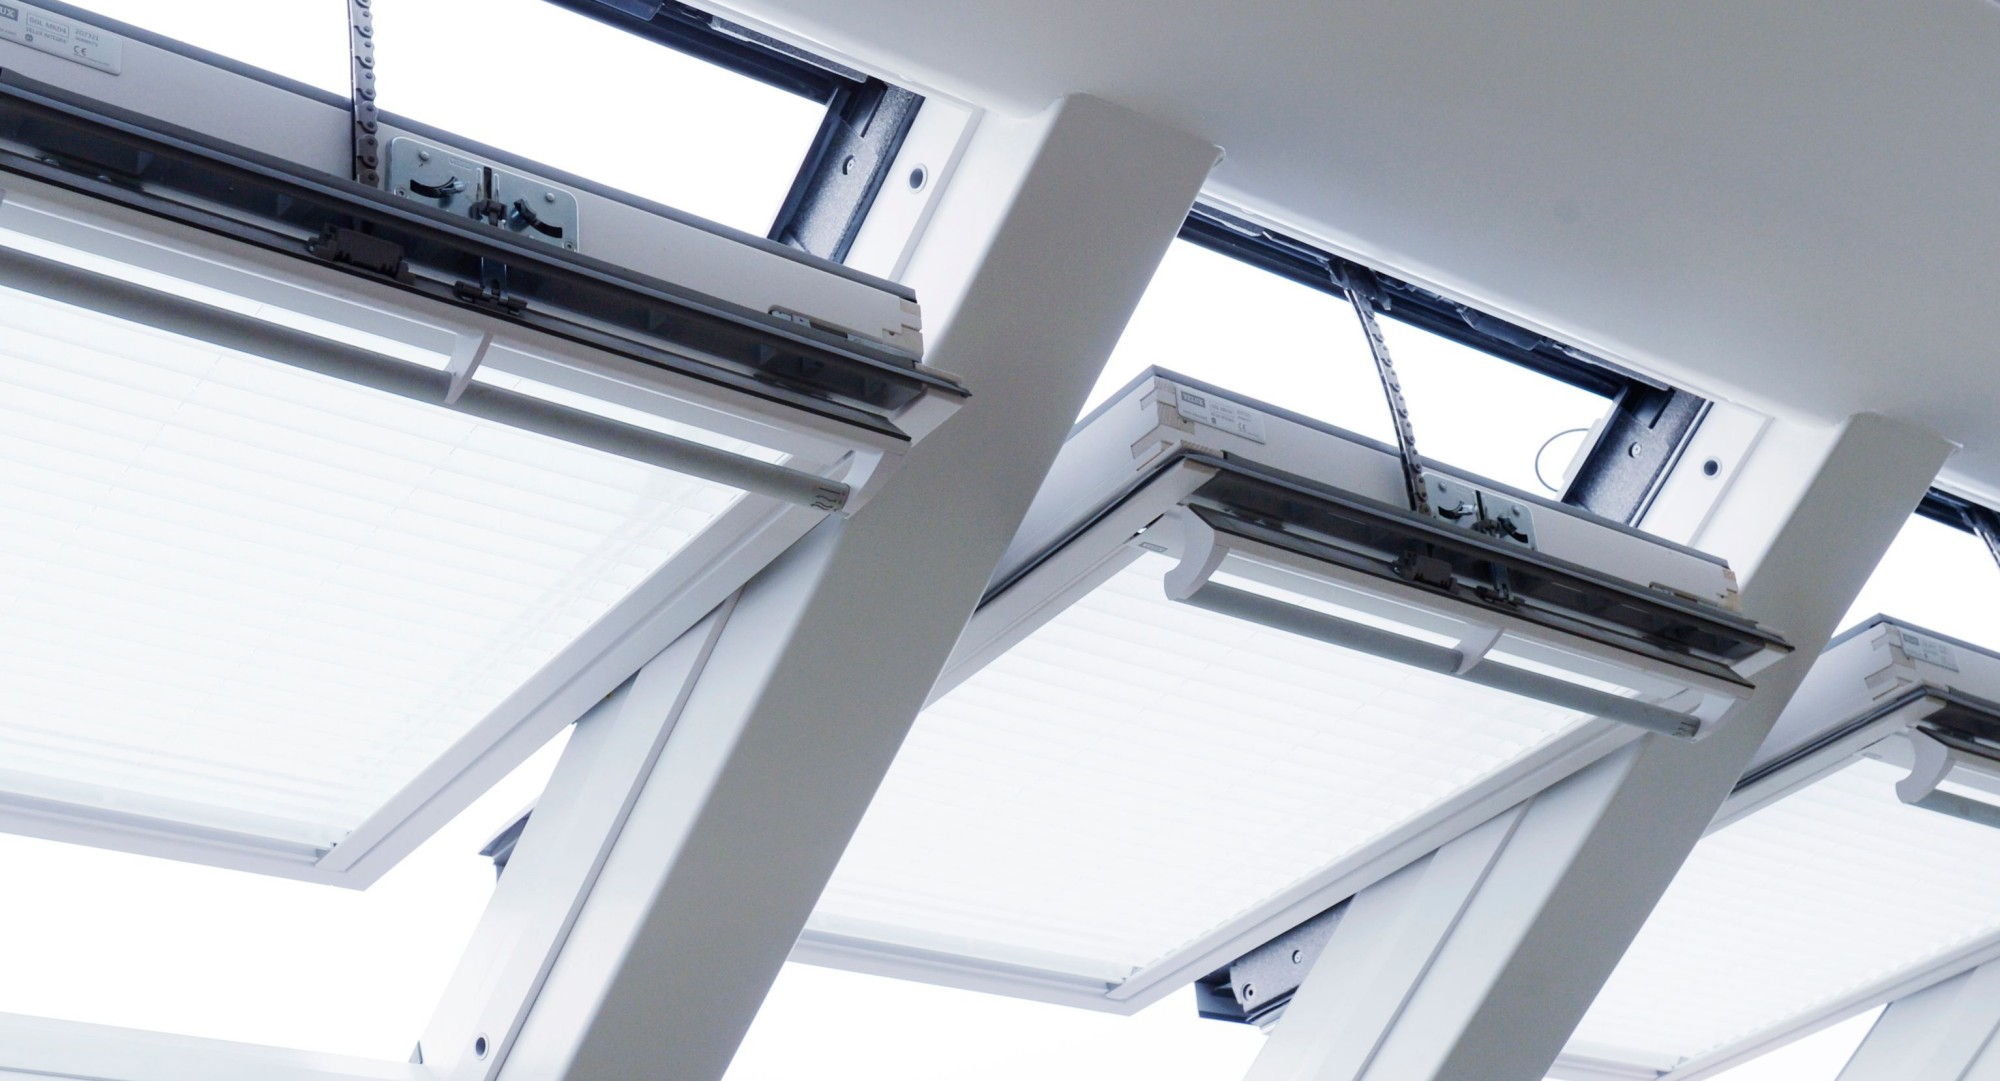 Celli ettore assistenza installazione lucernari e for Velux assistenza